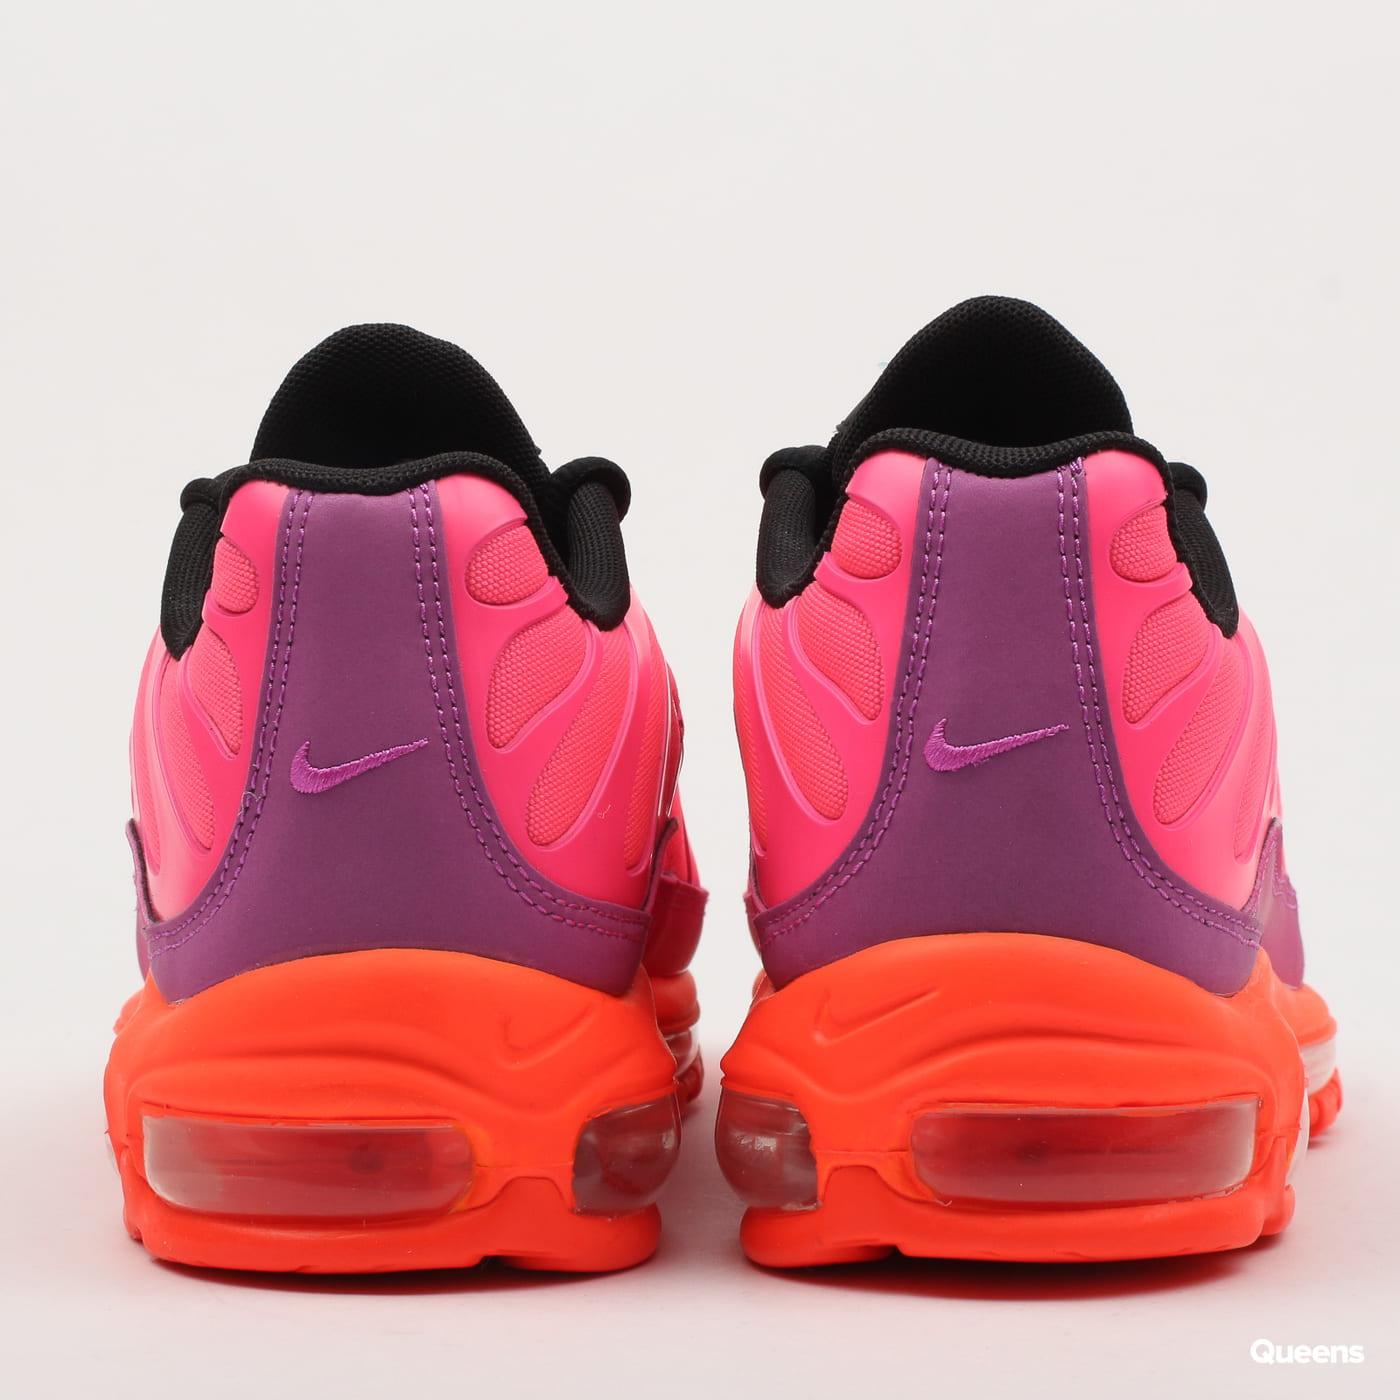 Nike Air Max 97 / Plus racer pink / hyper magenta